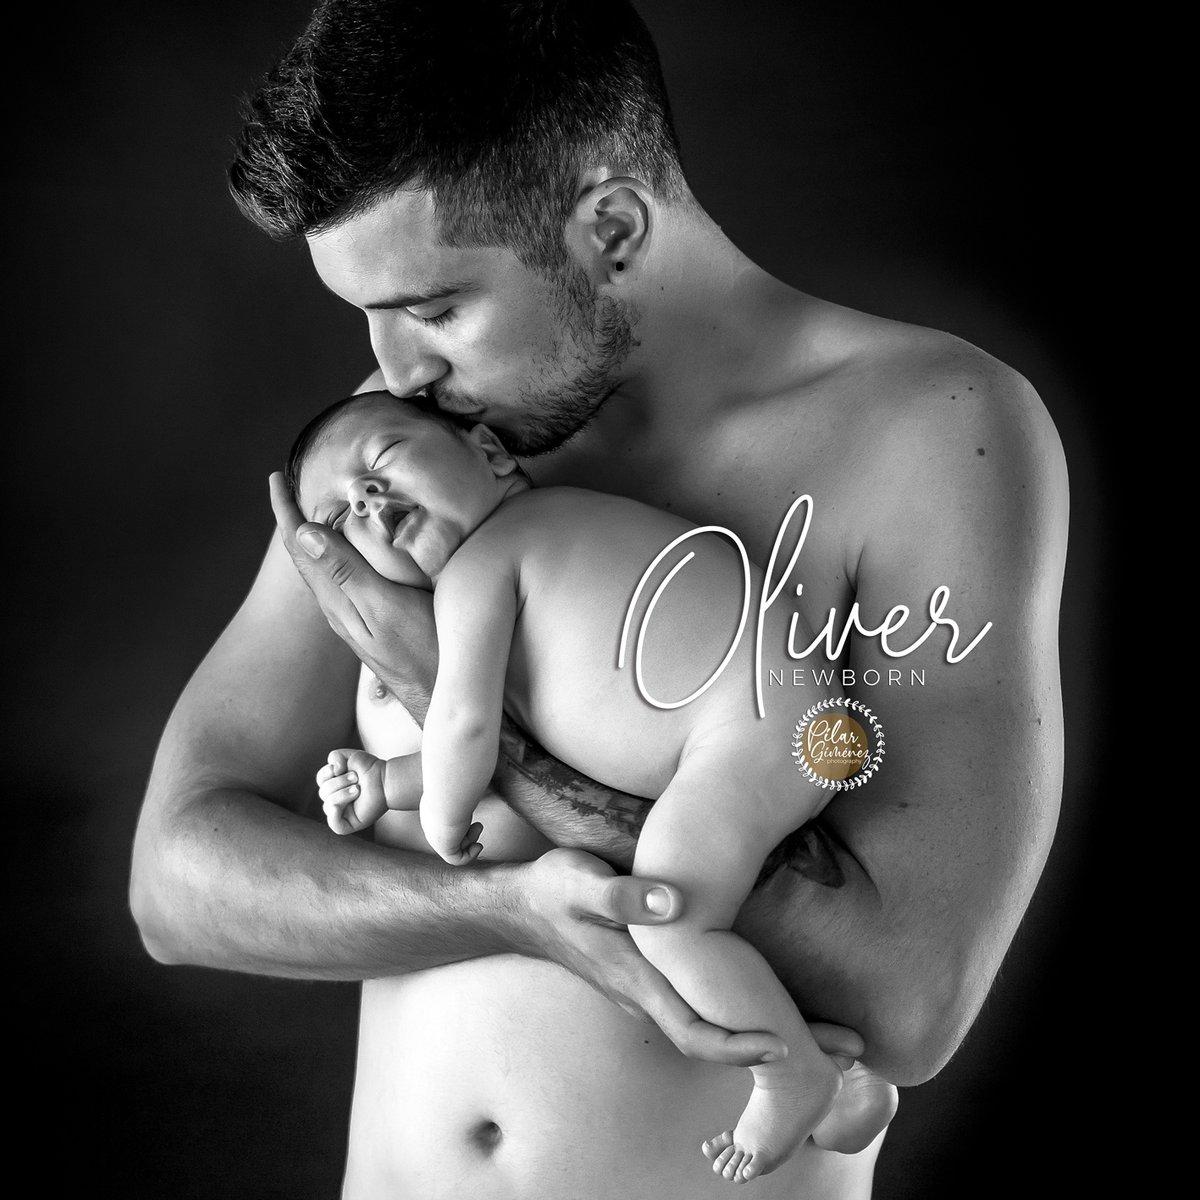 Enhorabuena, papis...acabais de conocer al AMOR DE VUESTRAS VIDAS... ❤❤❤  👇👇👇 MATERNIDAD / PATERNIDAD:   . . . #sesionesnewbornpostcovid19 #bienvenidooliver #sesionesnewborn #maternidad #paternidad #futurospapis #pilargimenezphotography